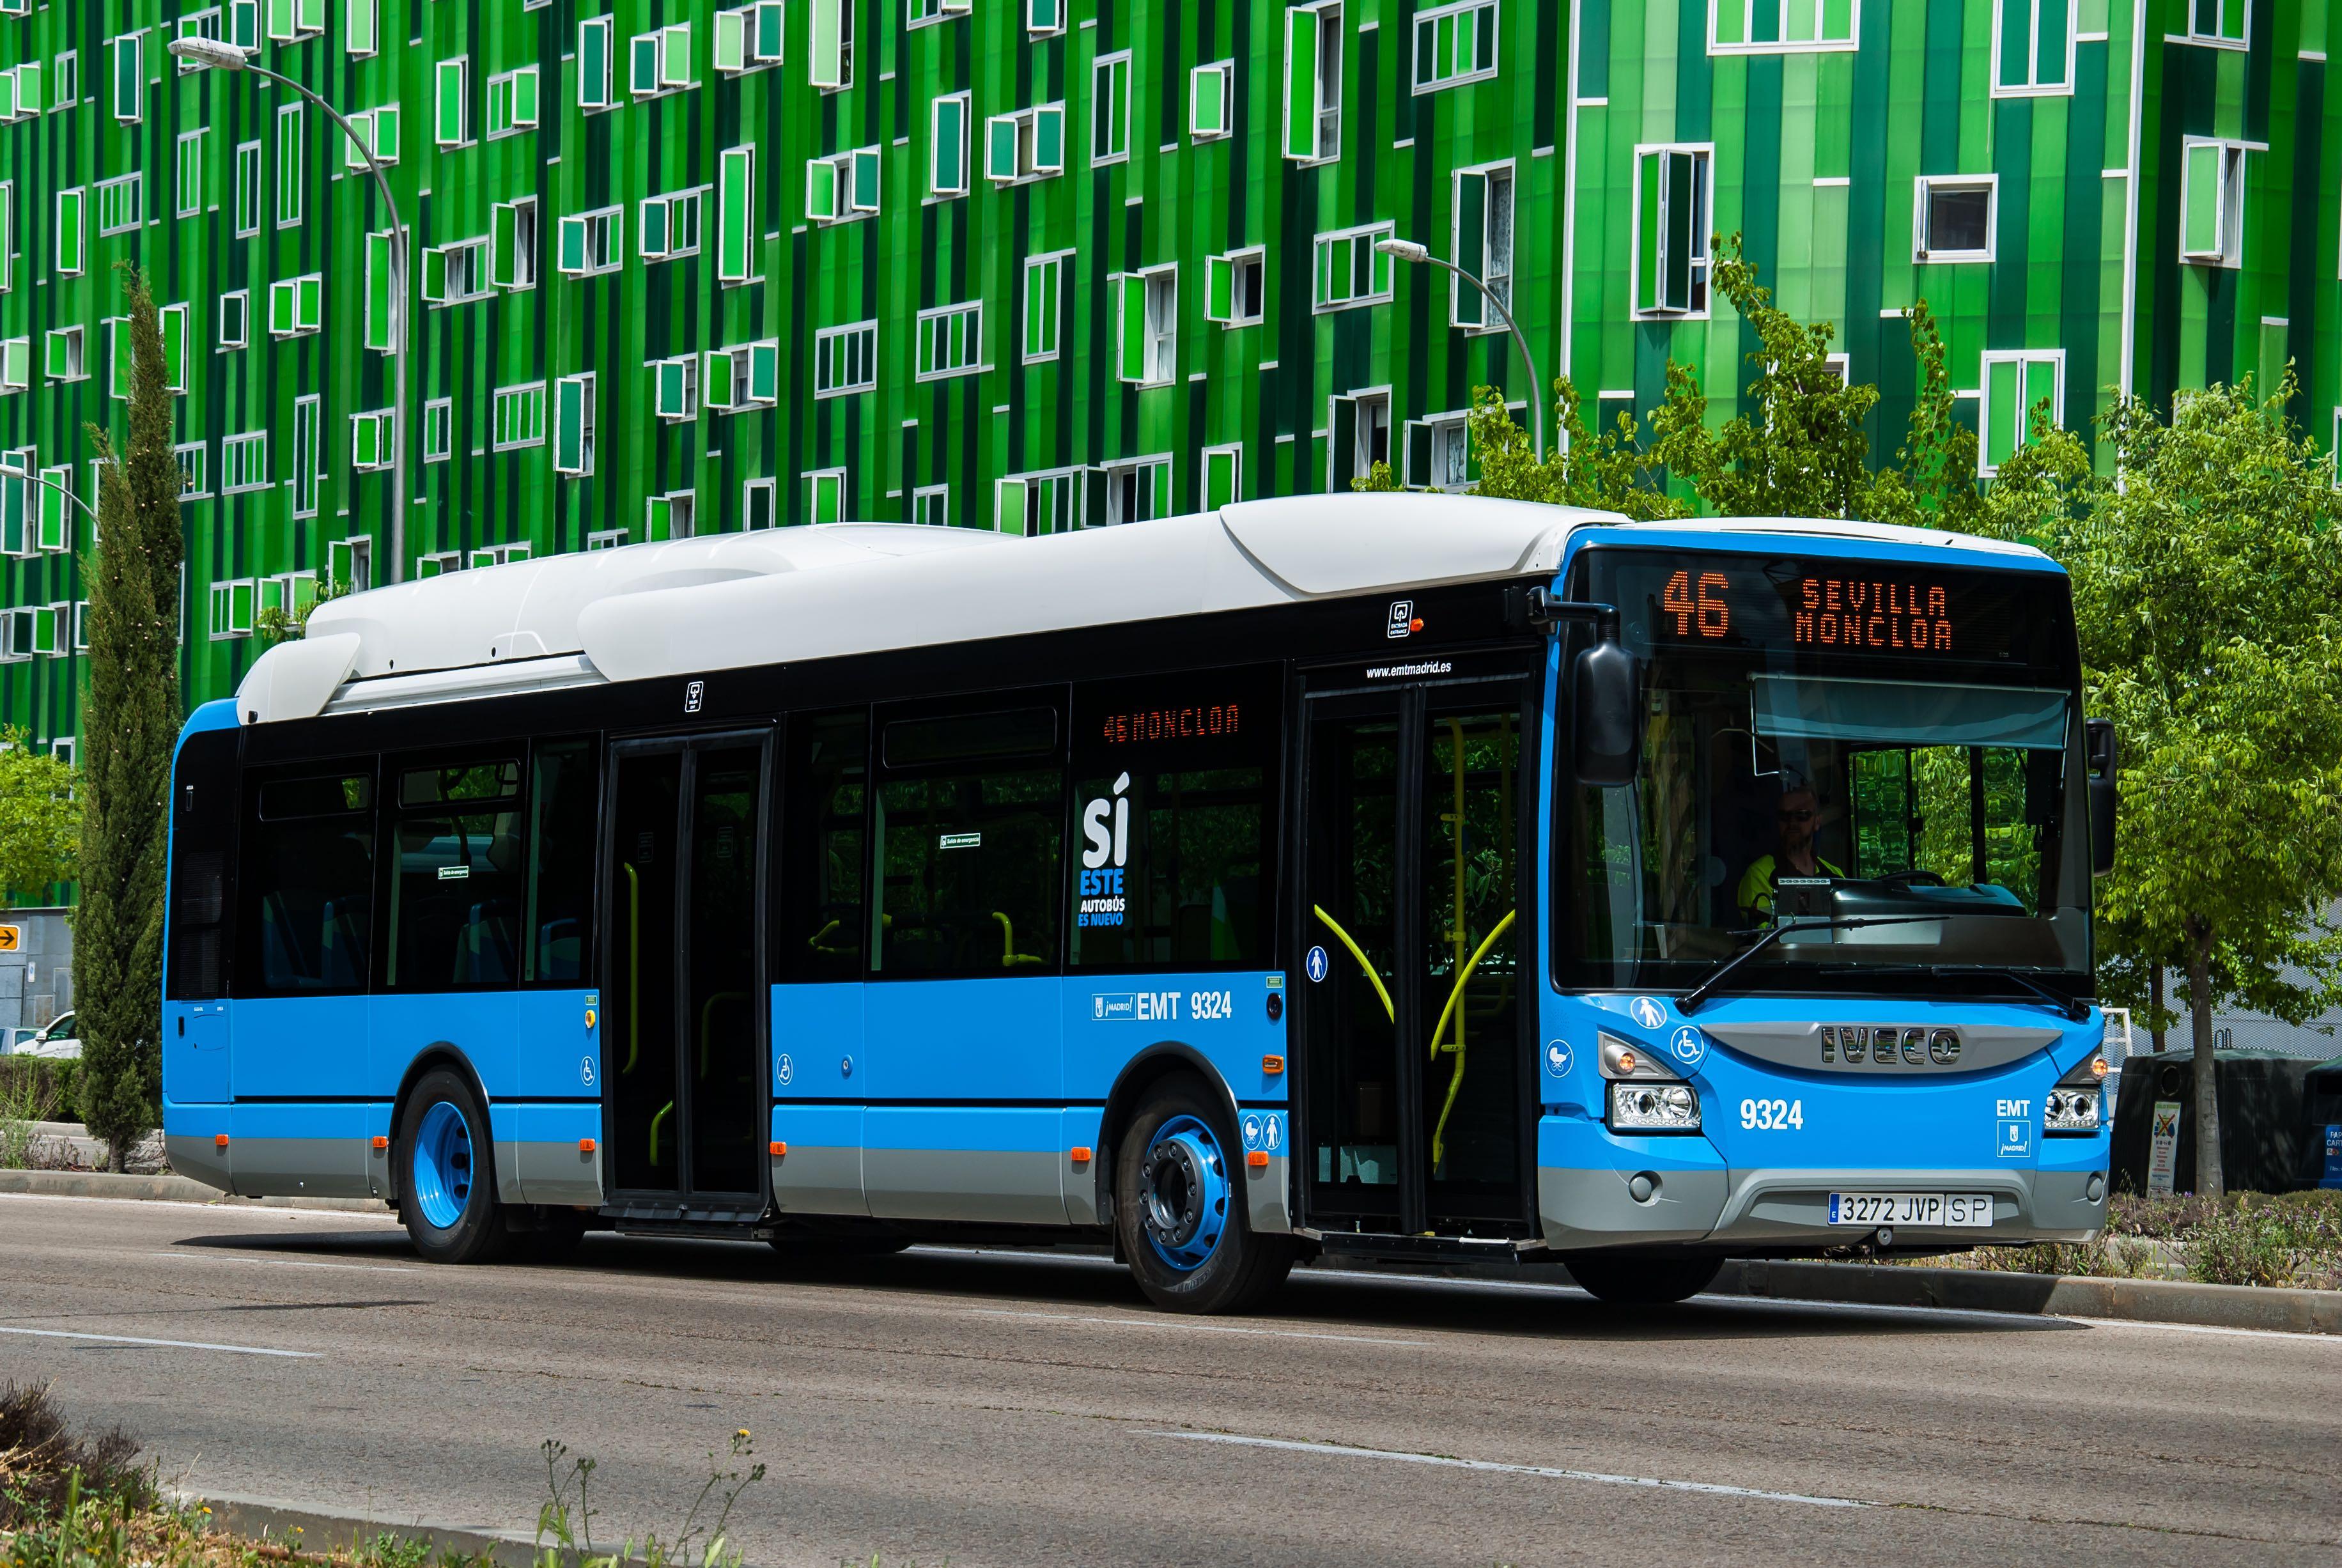 autobús de la EMT en la ciudad de Madrid